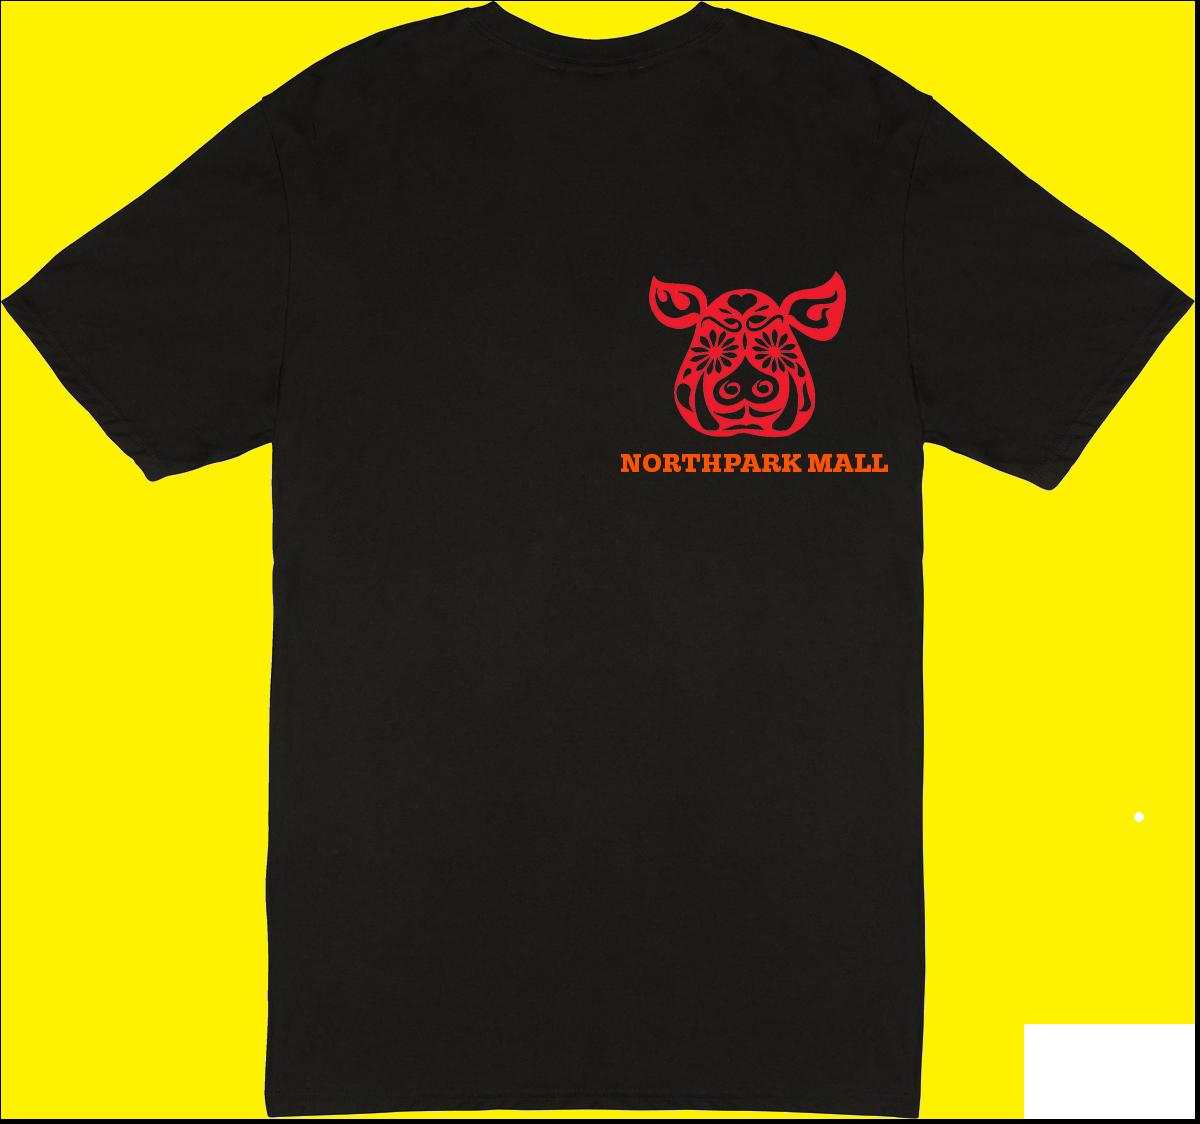 hacienda t shirt.png